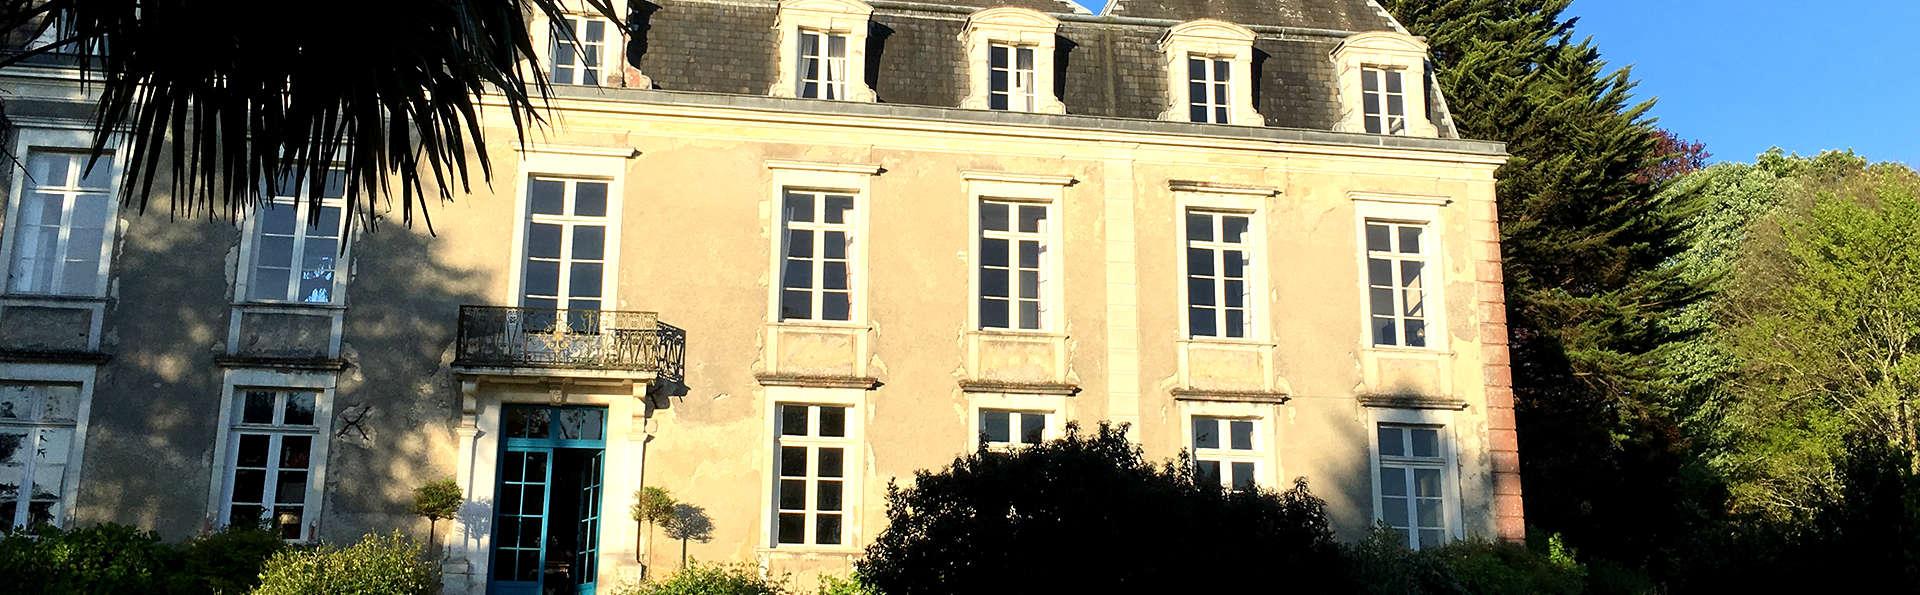 Château d'Estrac - Edit_Front2.jpg